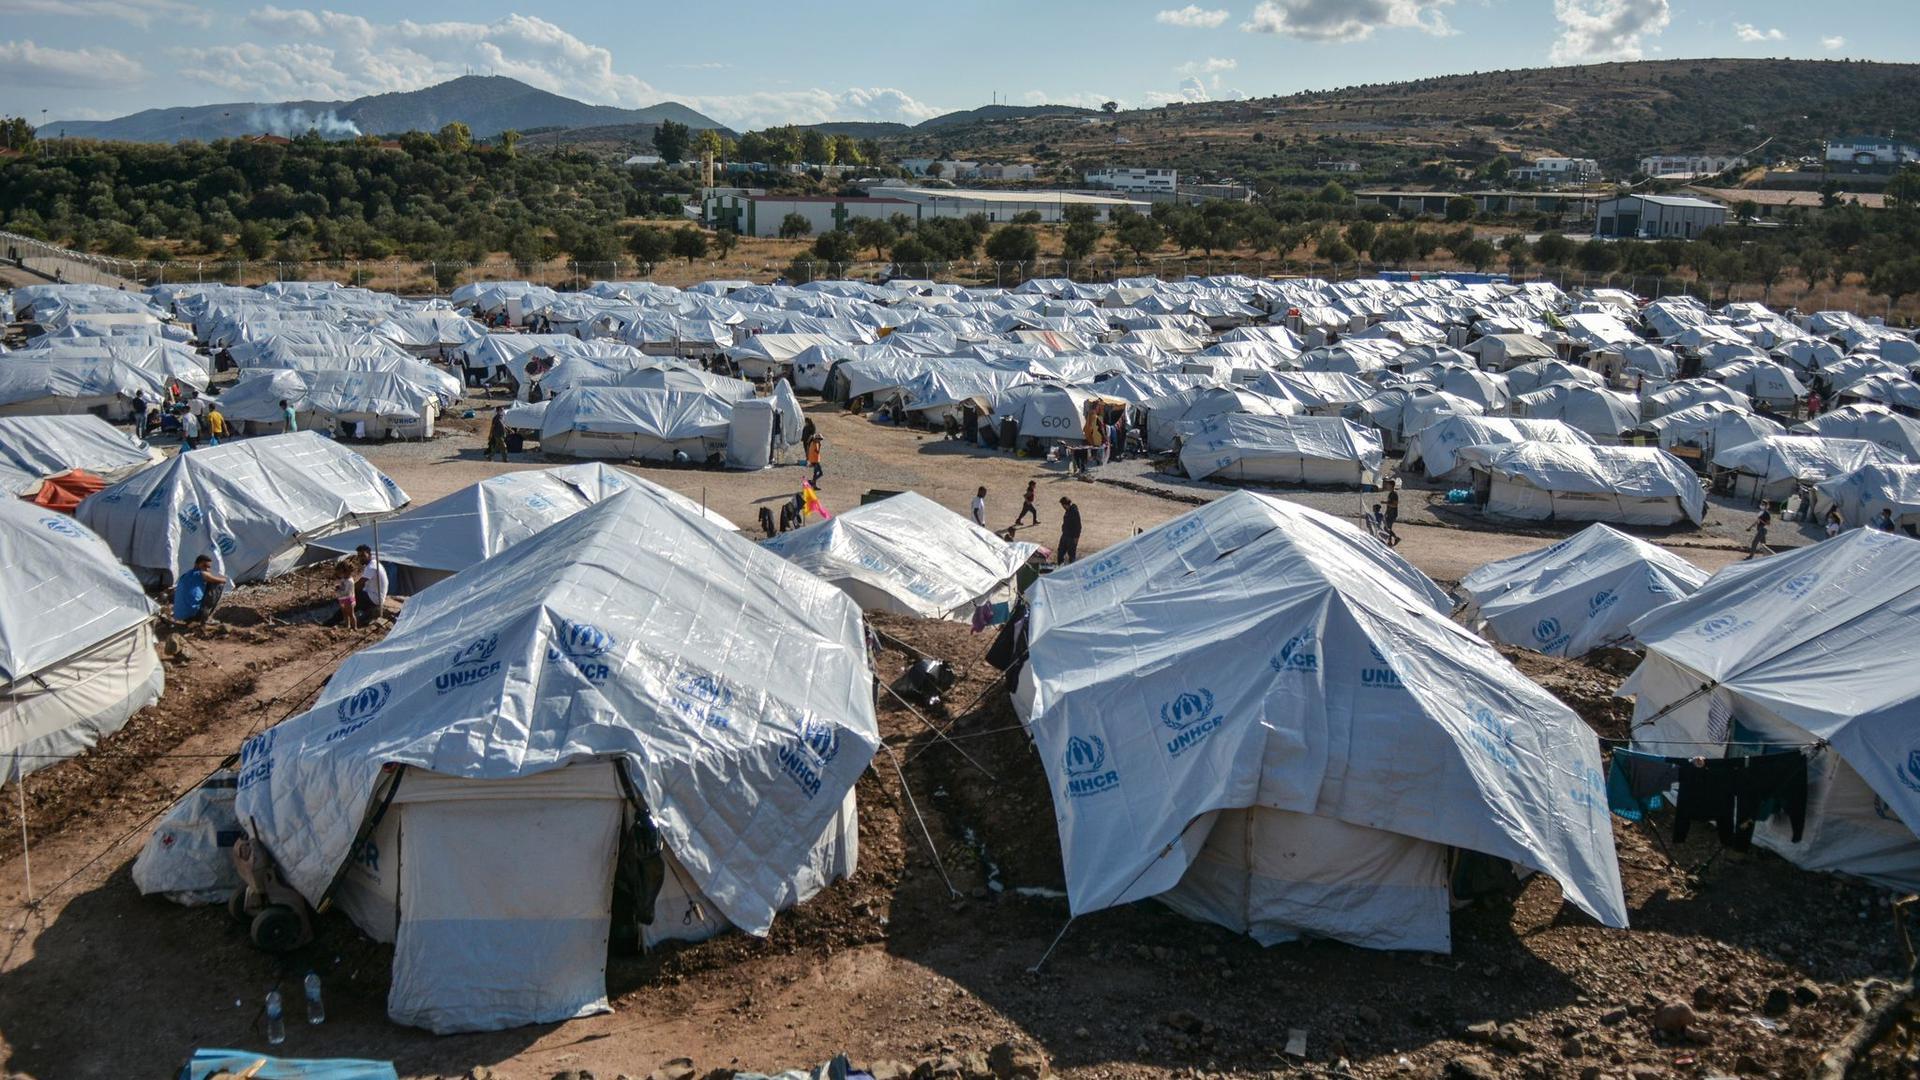 Flüchtlings-Lager auf der griechischen Insel Lesbos.